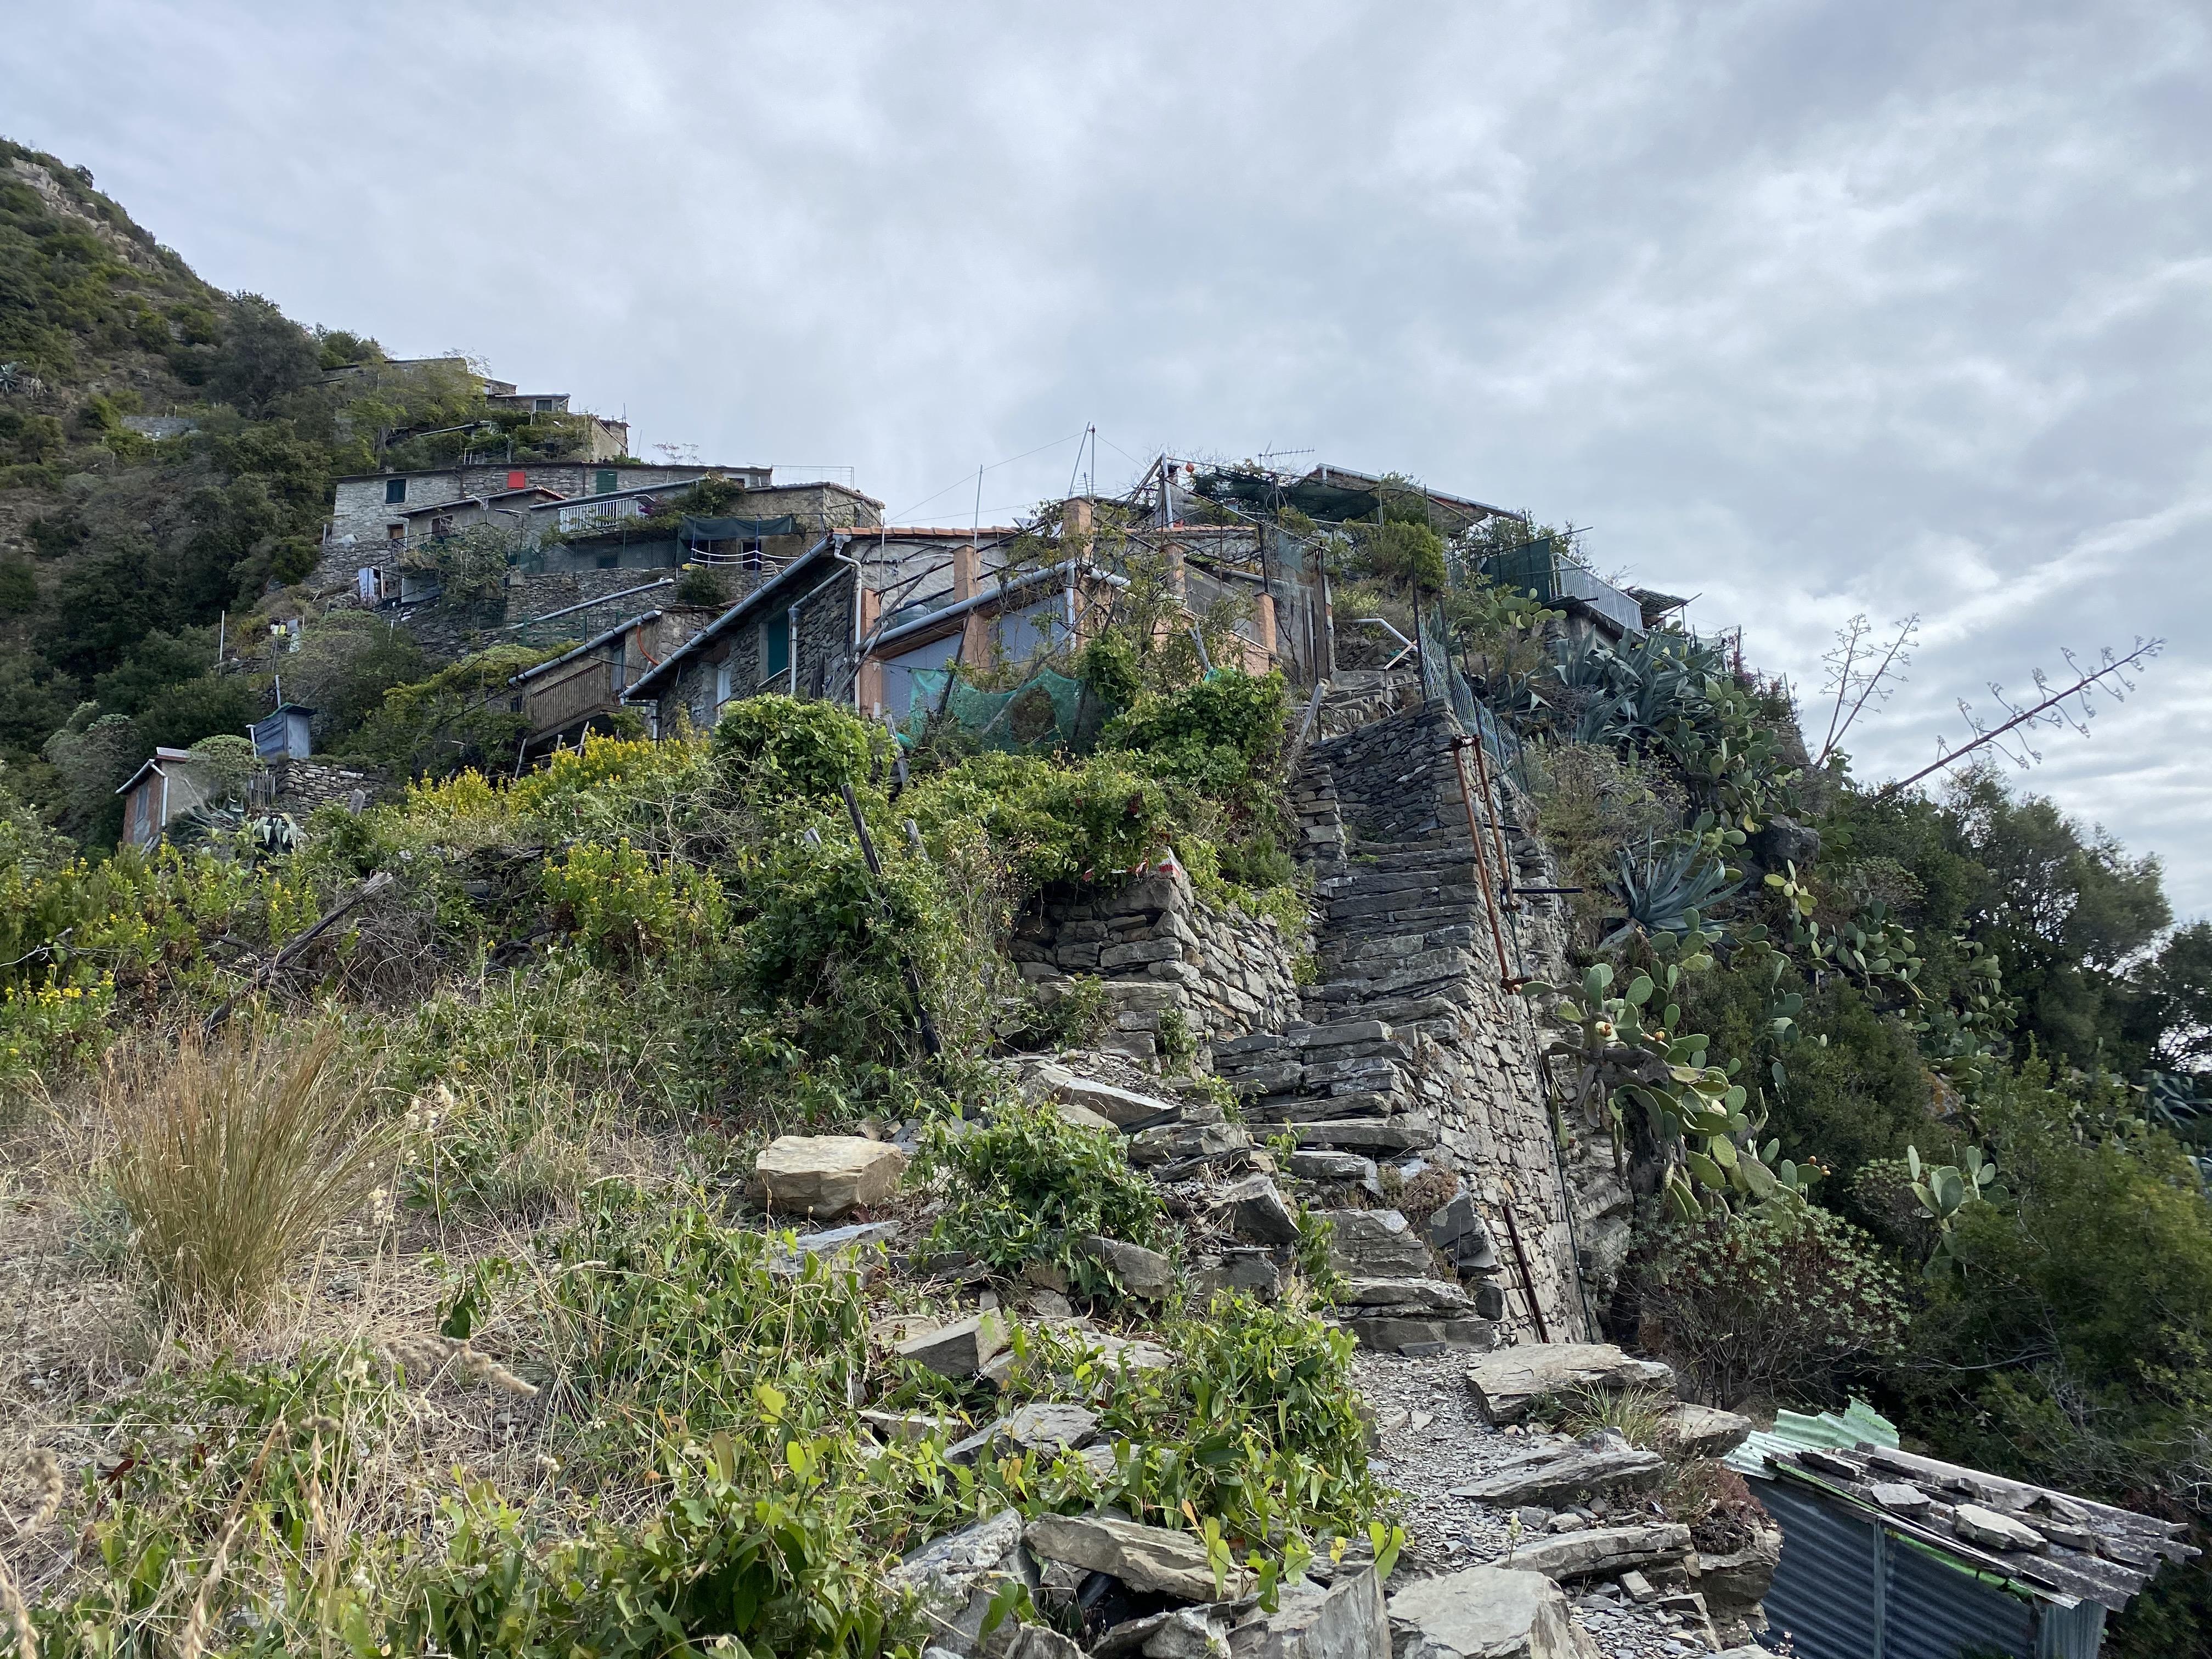 Monesteroli, in der Nähe von Portovenere